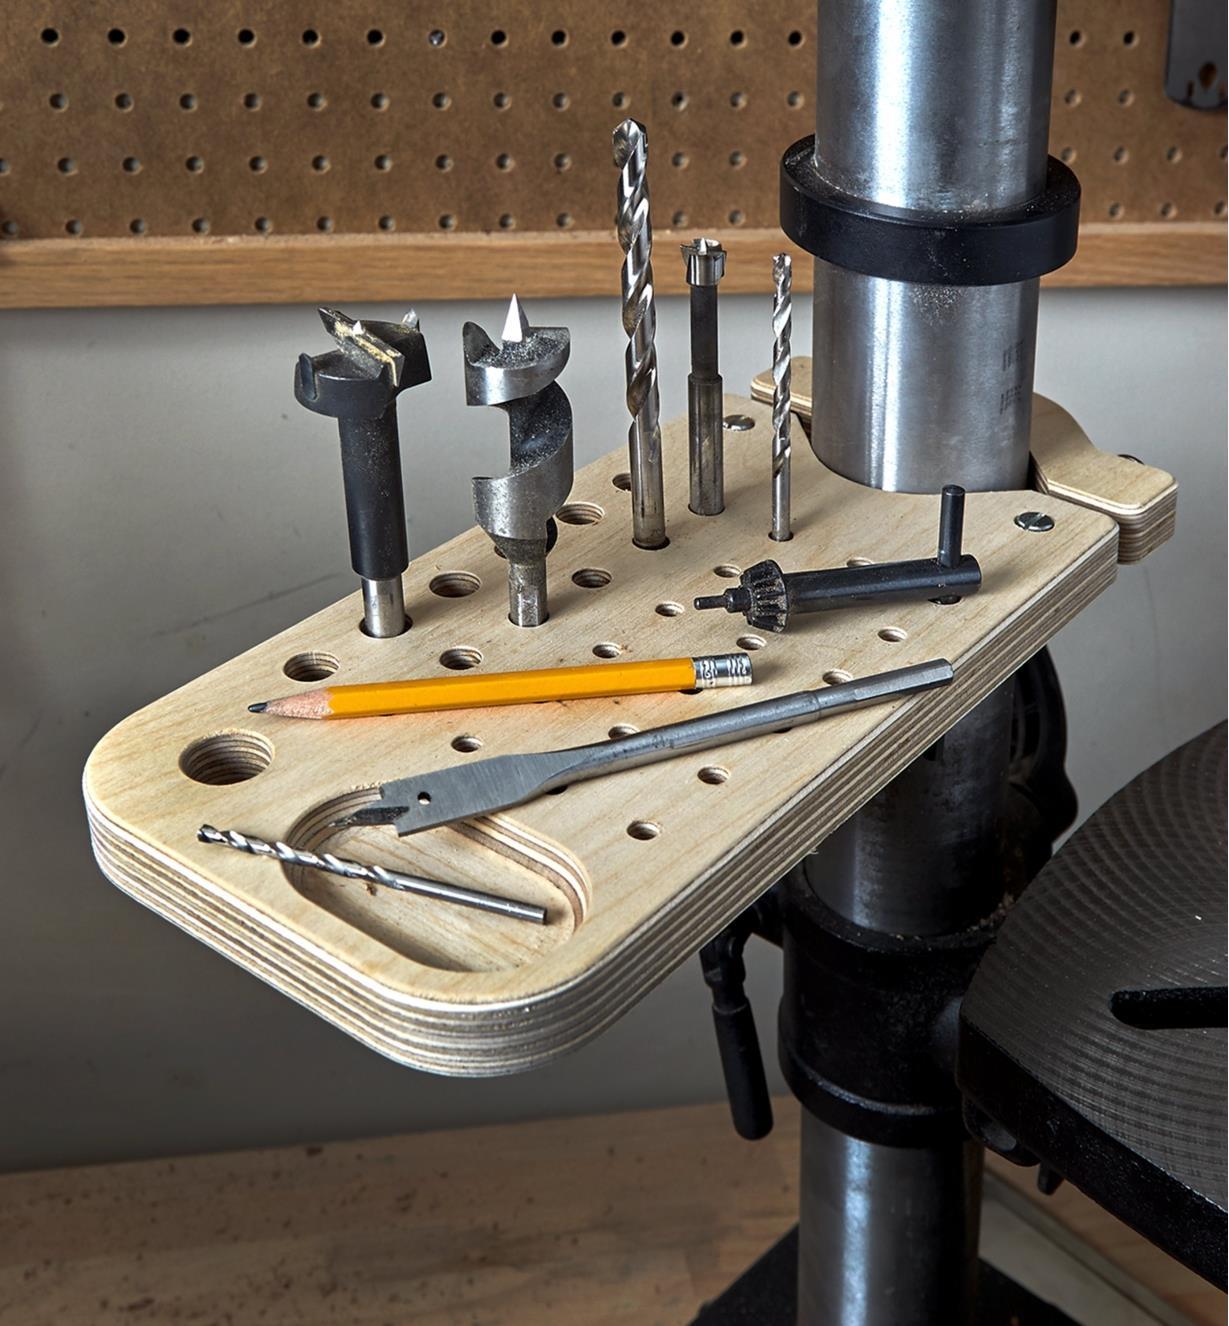 15K1001 - Lee Valley Drill Press Tool Holder